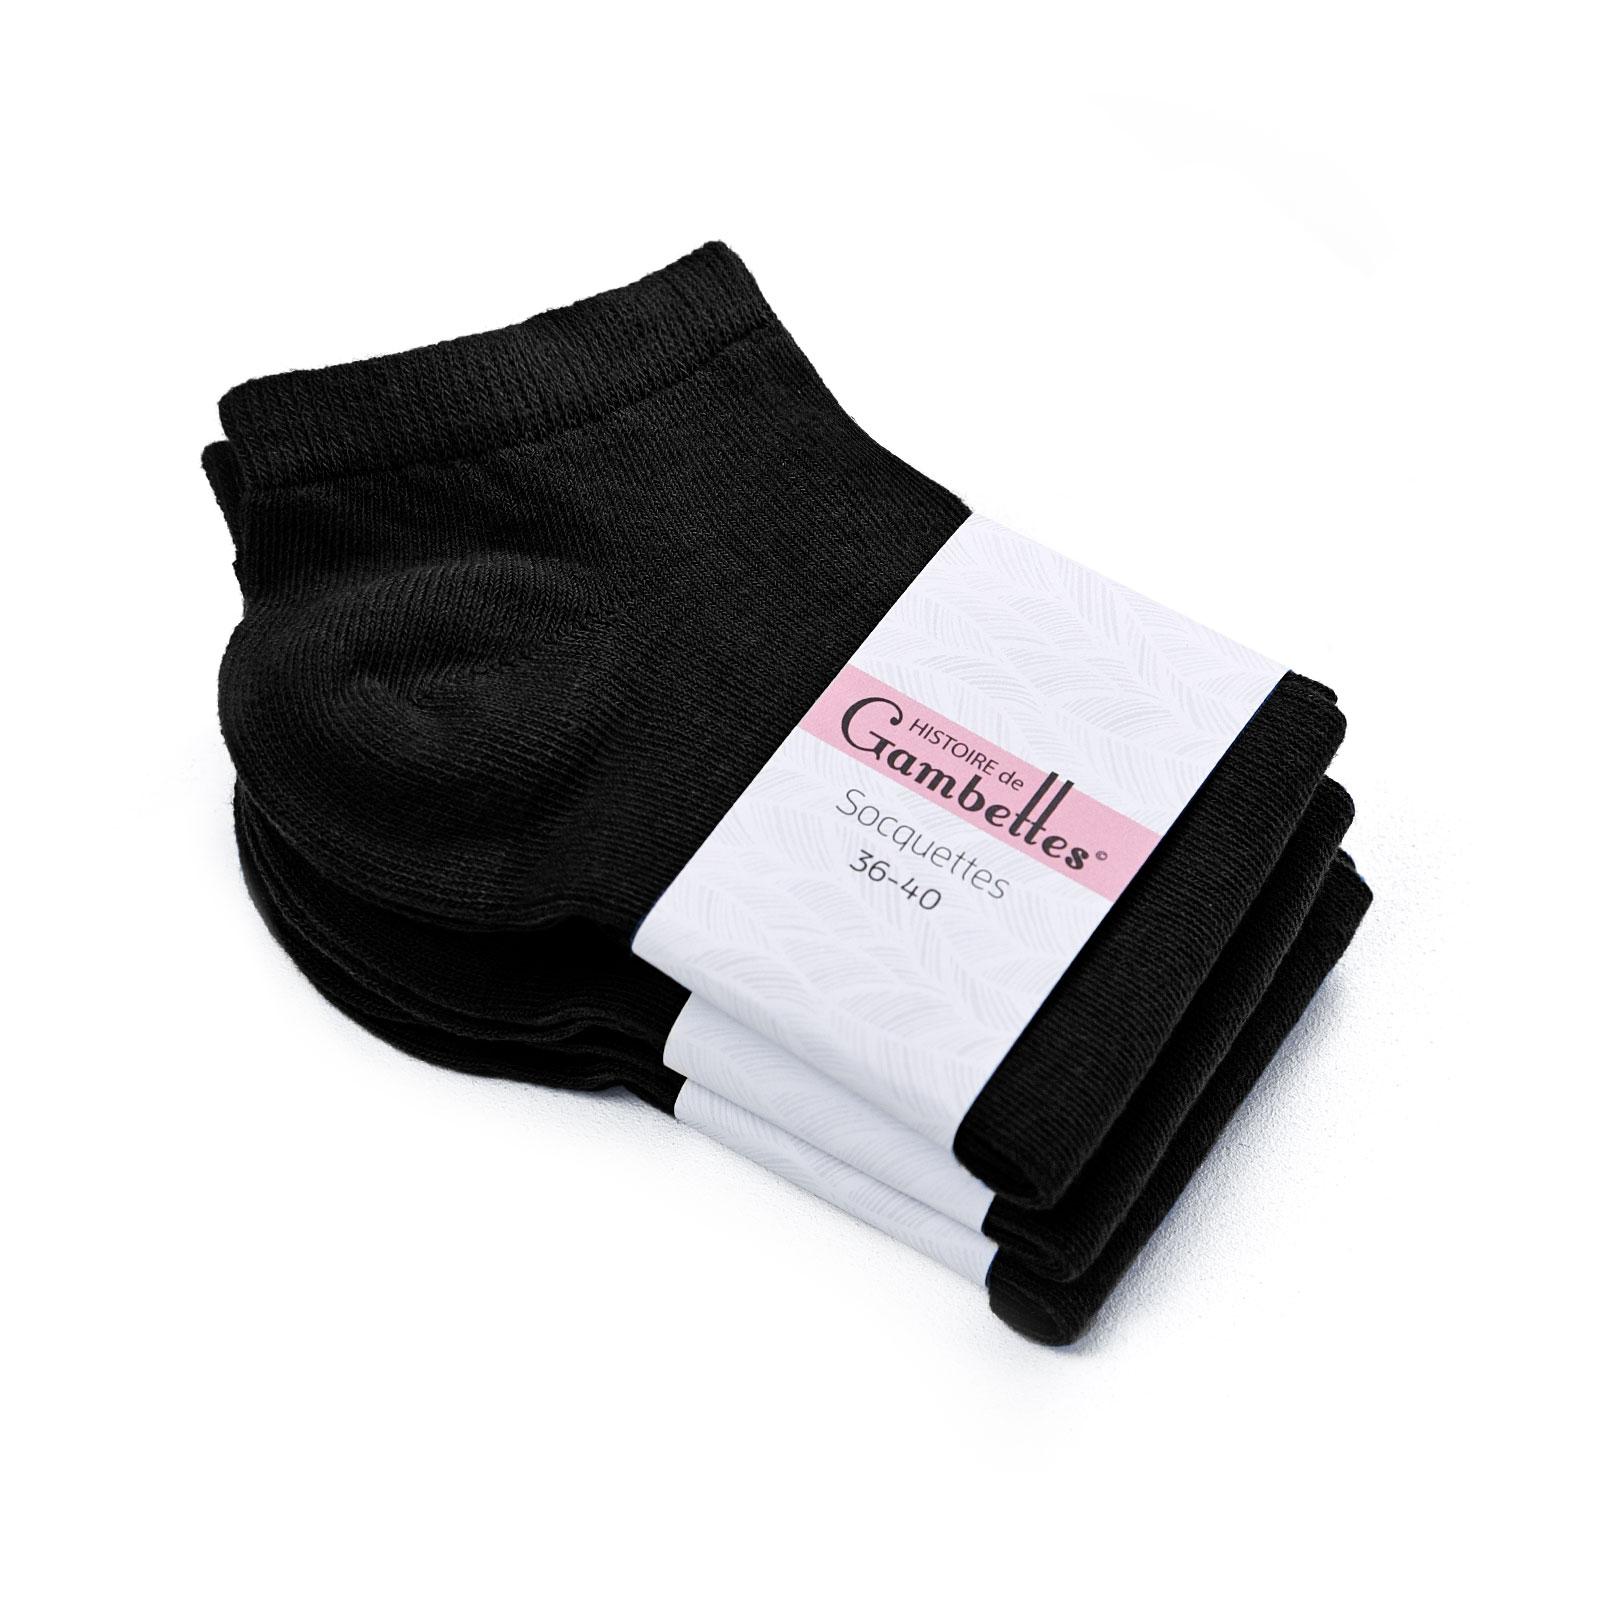 CH-00350-F16-soquettes-coton-femme-noir-3-paires